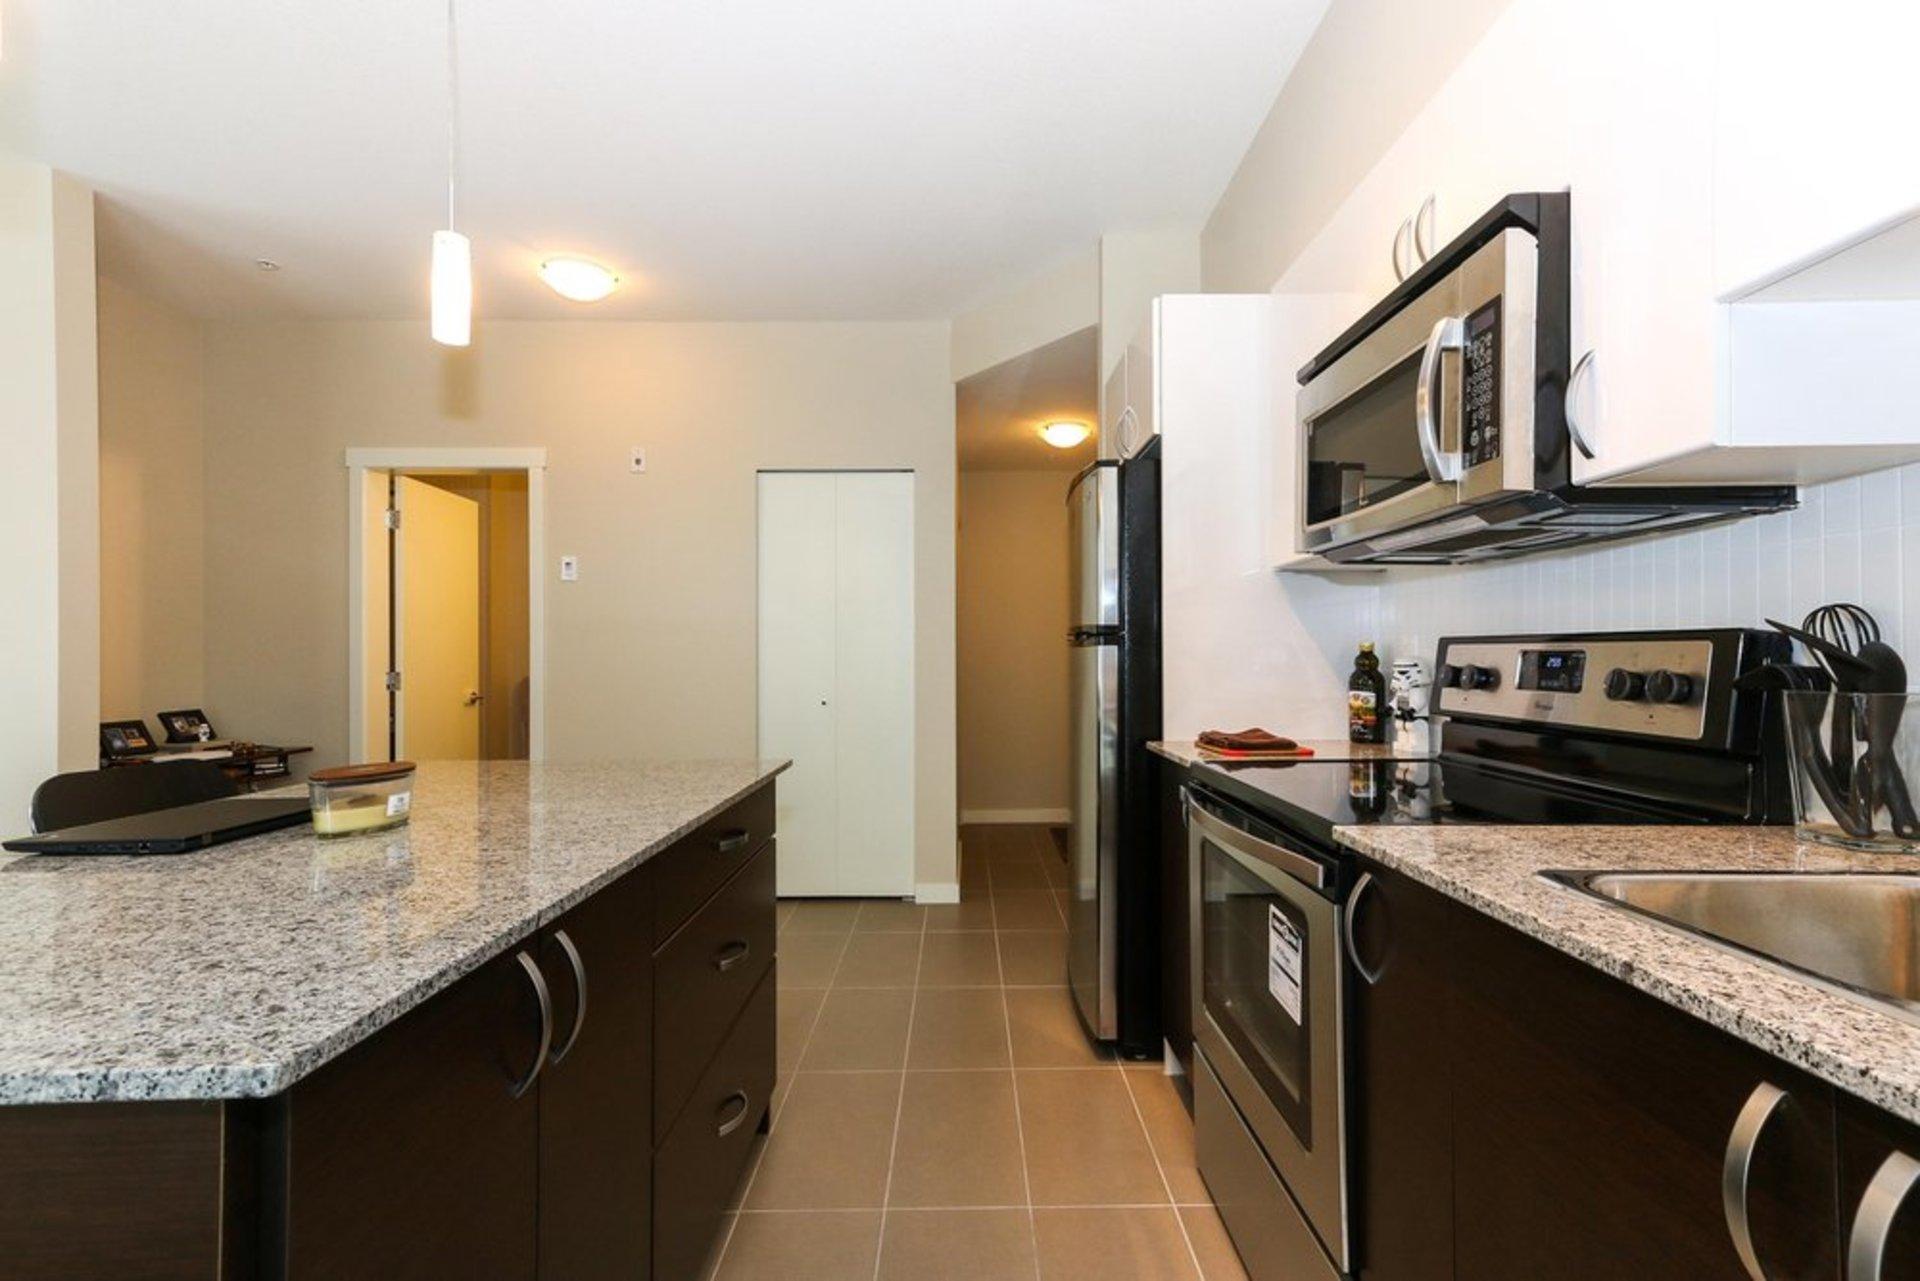 quattro-3-kitchen-1 at 209 - 13728 108 Avenue, Whalley, North Surrey